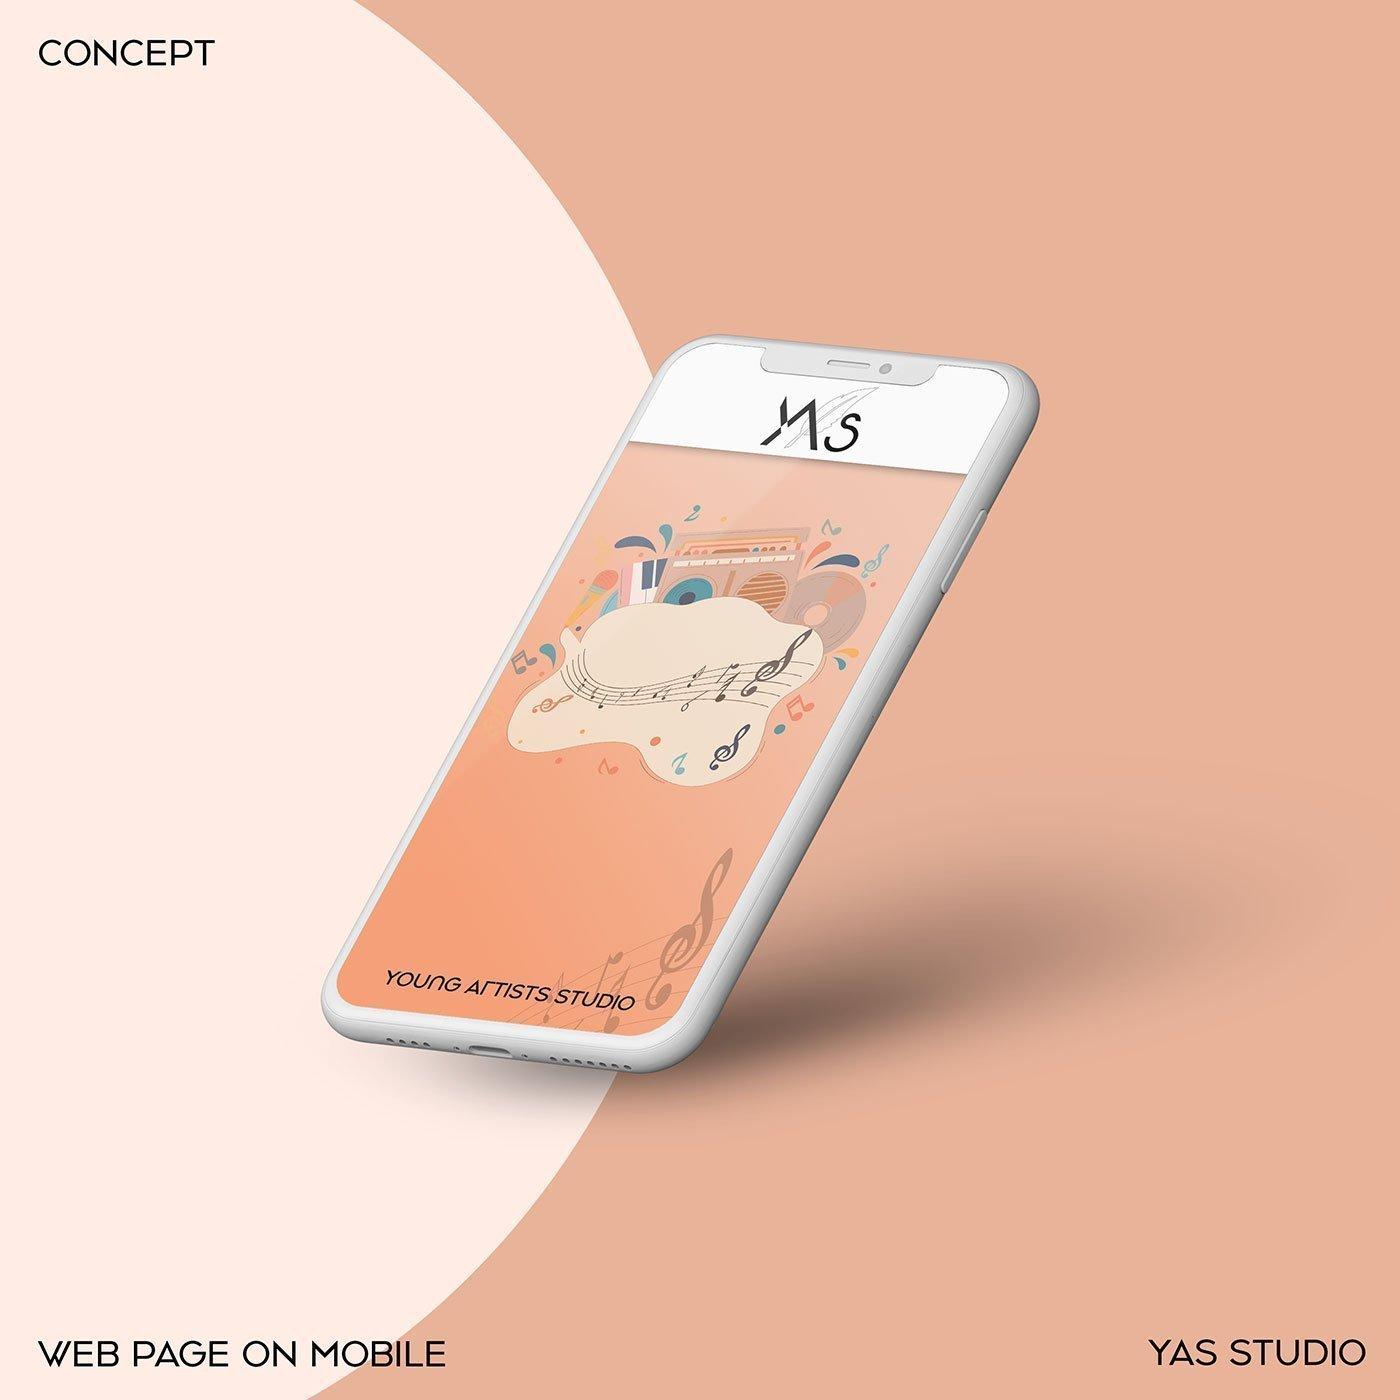 di động website YAS Young Artists Studio-quảng-bá-thương-hiệu-thiết-kế-branding-cho-thương-hiệu YAS-xây-dựng-logo-doanh-nghiệp-thiết-kế-ấn-phẩm-quảng-cáo-thương-hiệu-thiết-kế-Helixgram